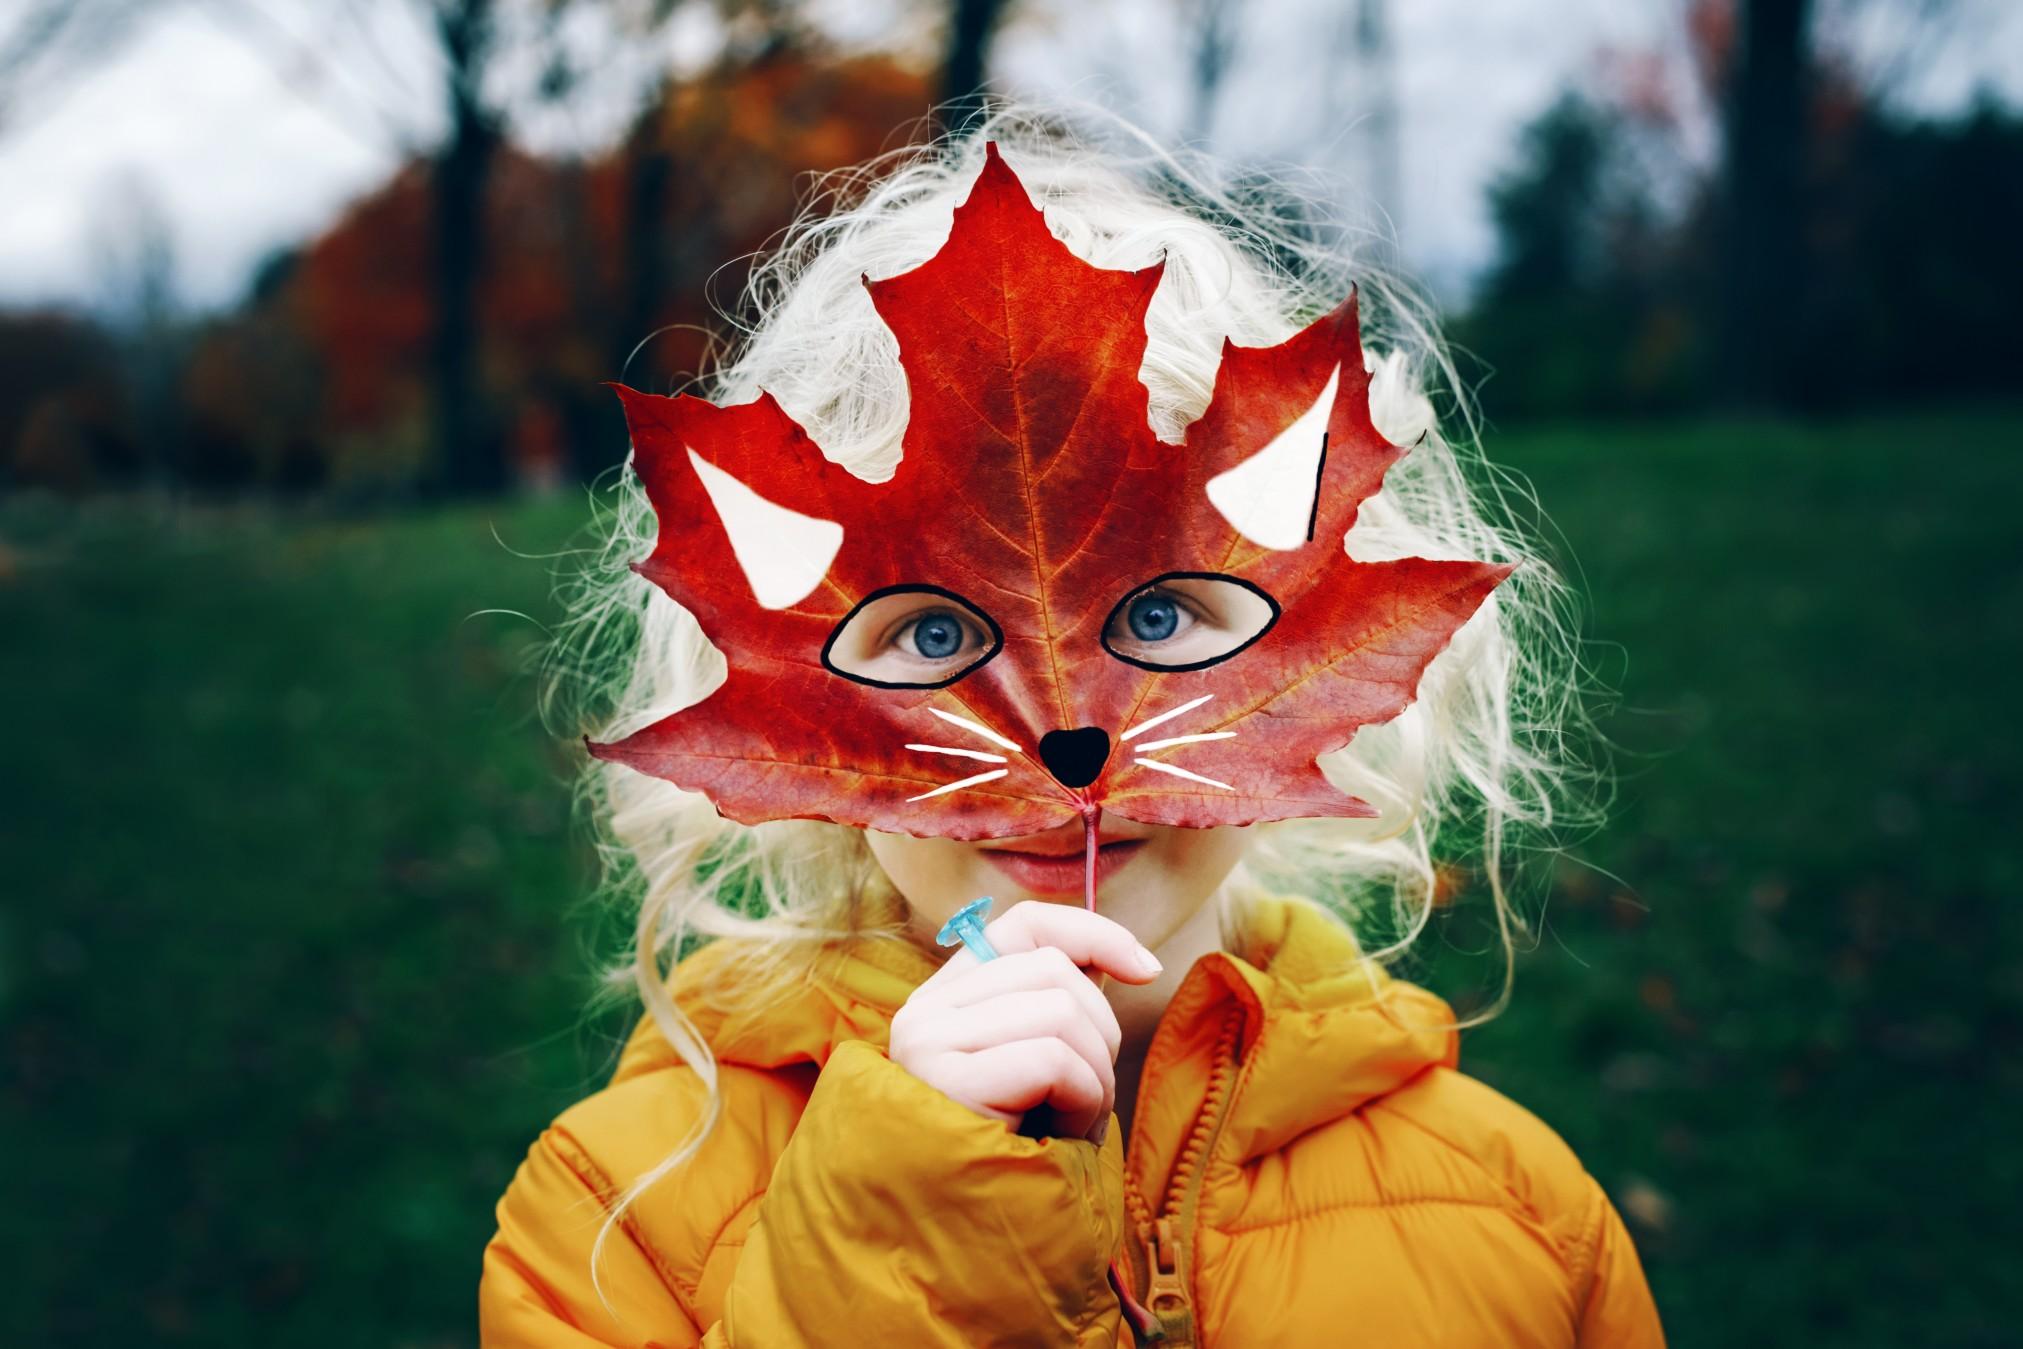 Kinder im Herbst - Mode Trends & Outdoor Erlebnis! Bild: @Hanni via Twenty20